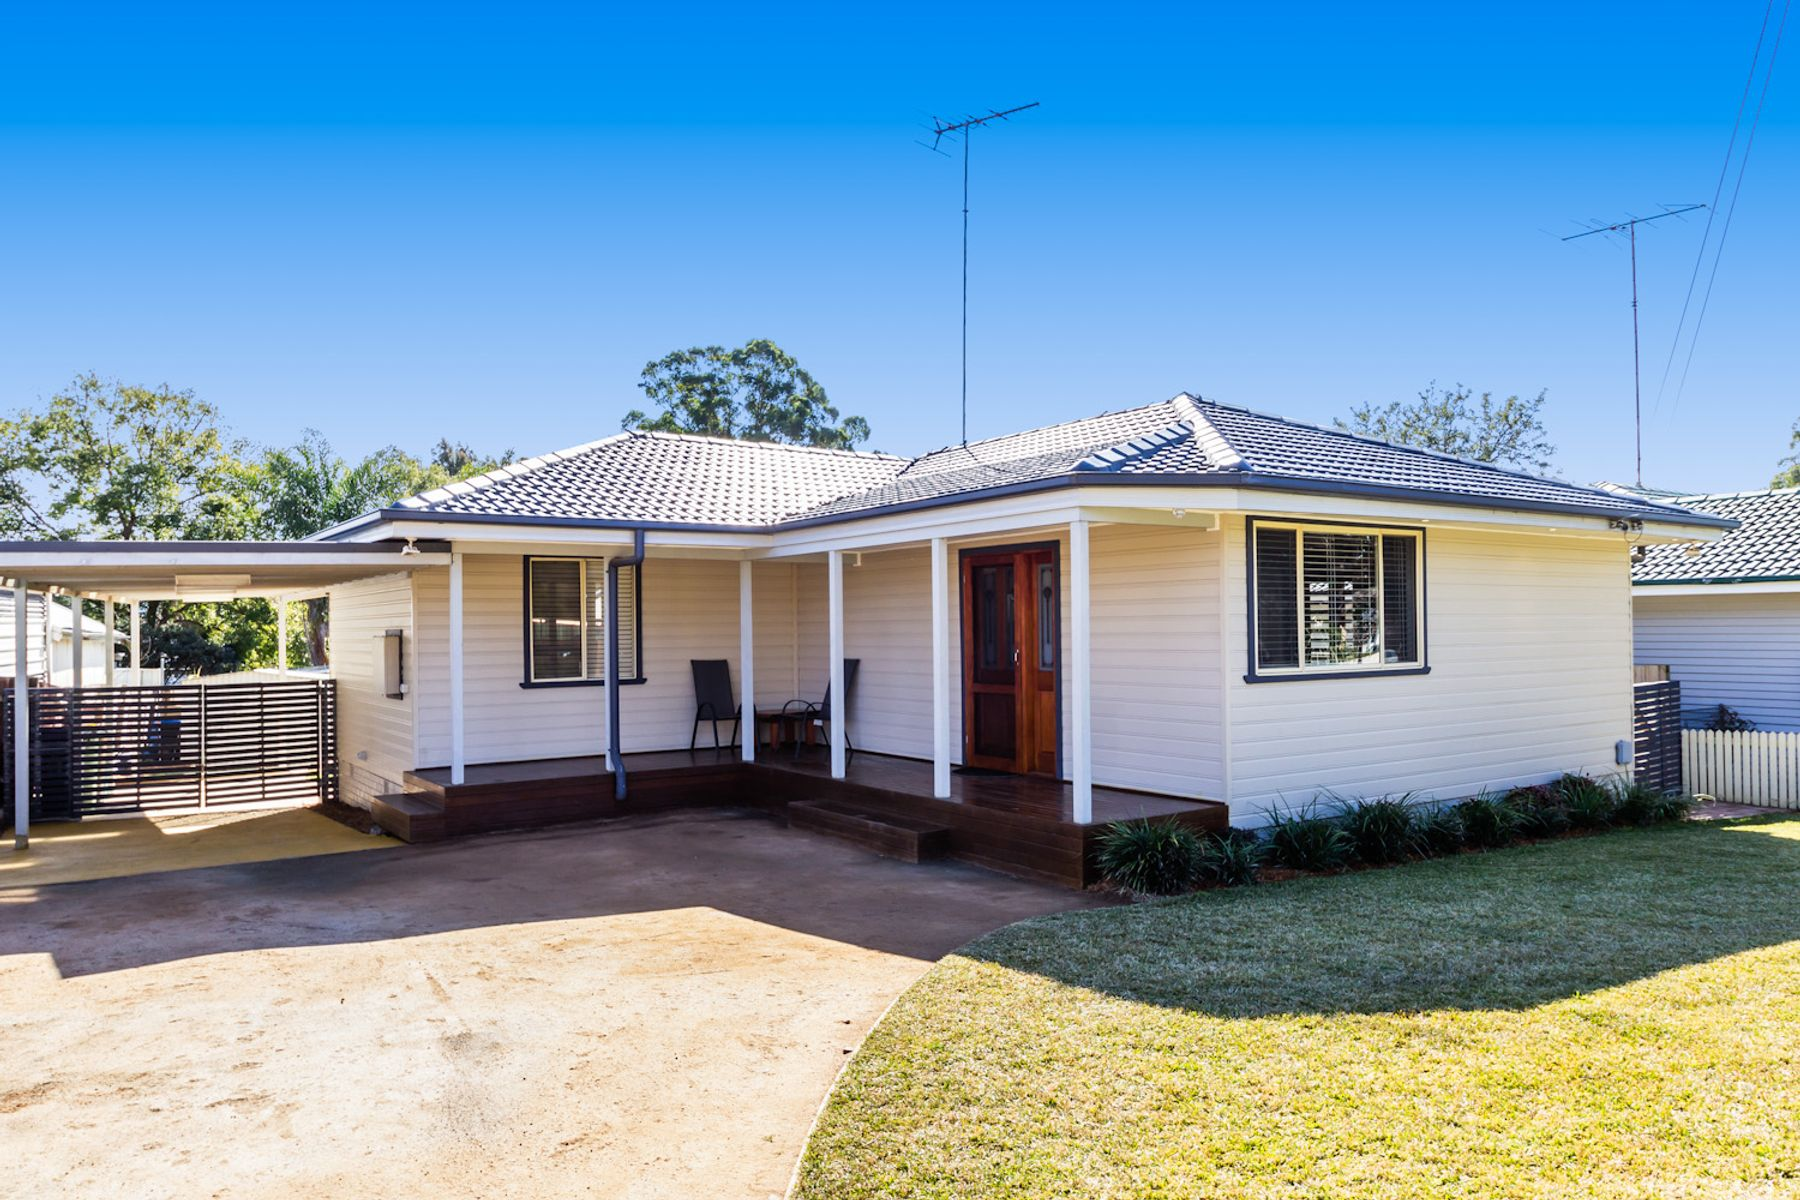 61 Luttrell St, Richmond, NSW 2753